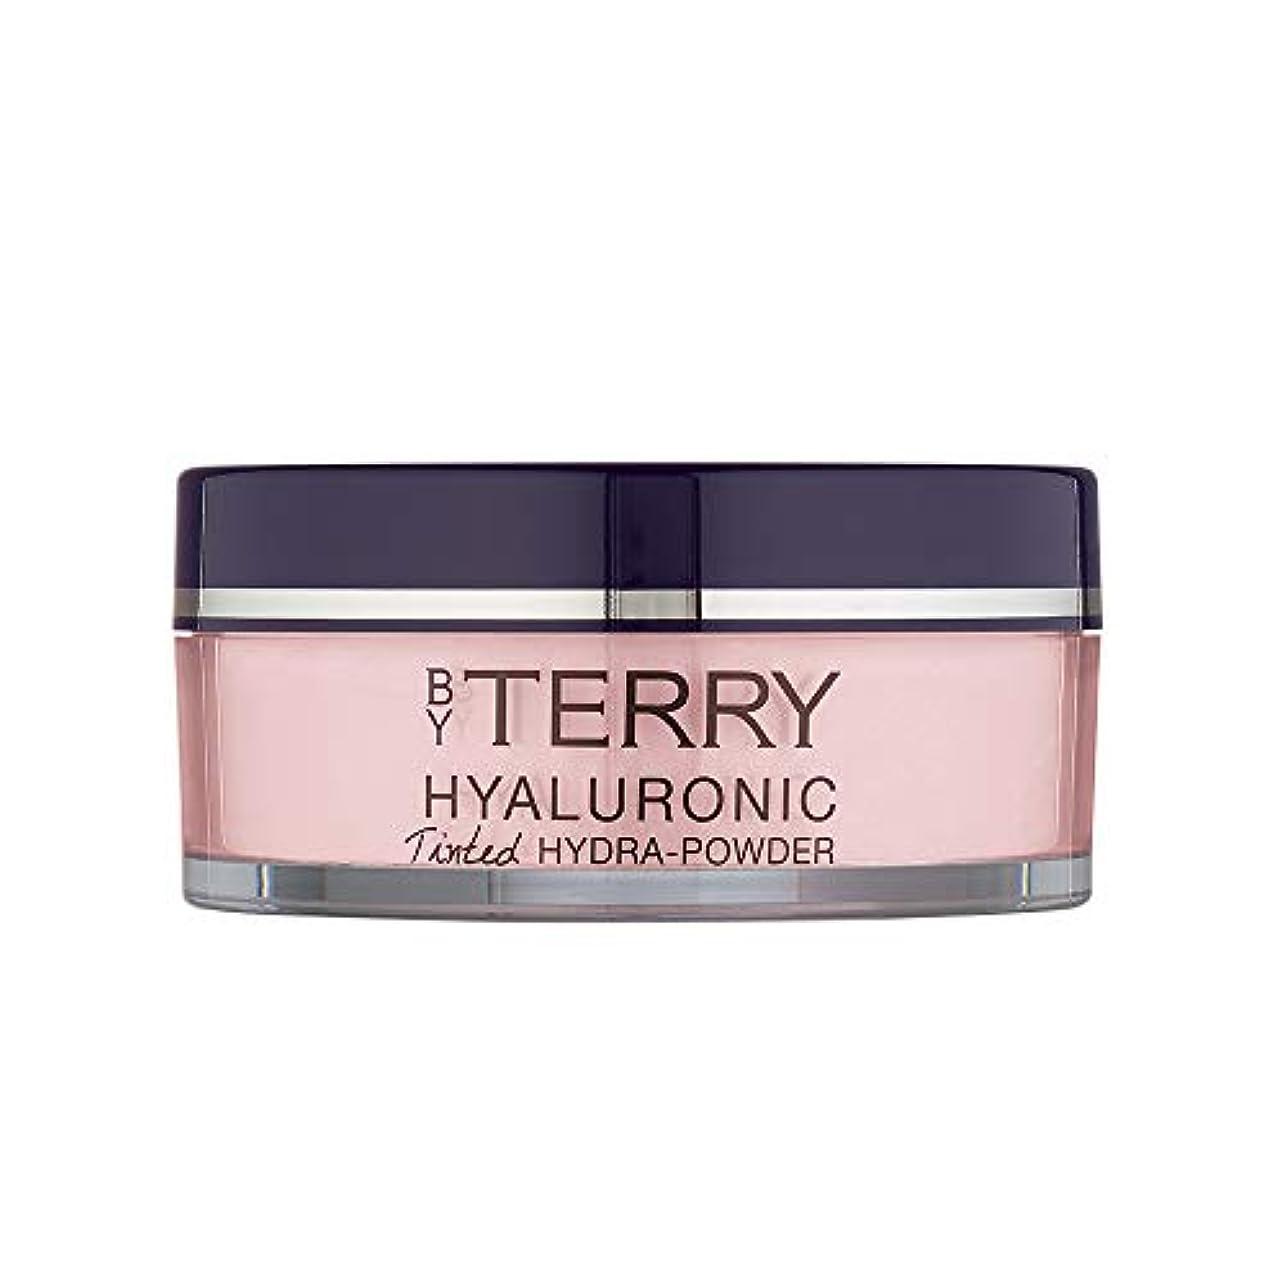 神ギャザー四半期バイテリー Hyaluronic Tinted Hydra Care Setting Powder - # 1 Rosy Light 10g/0.35oz並行輸入品